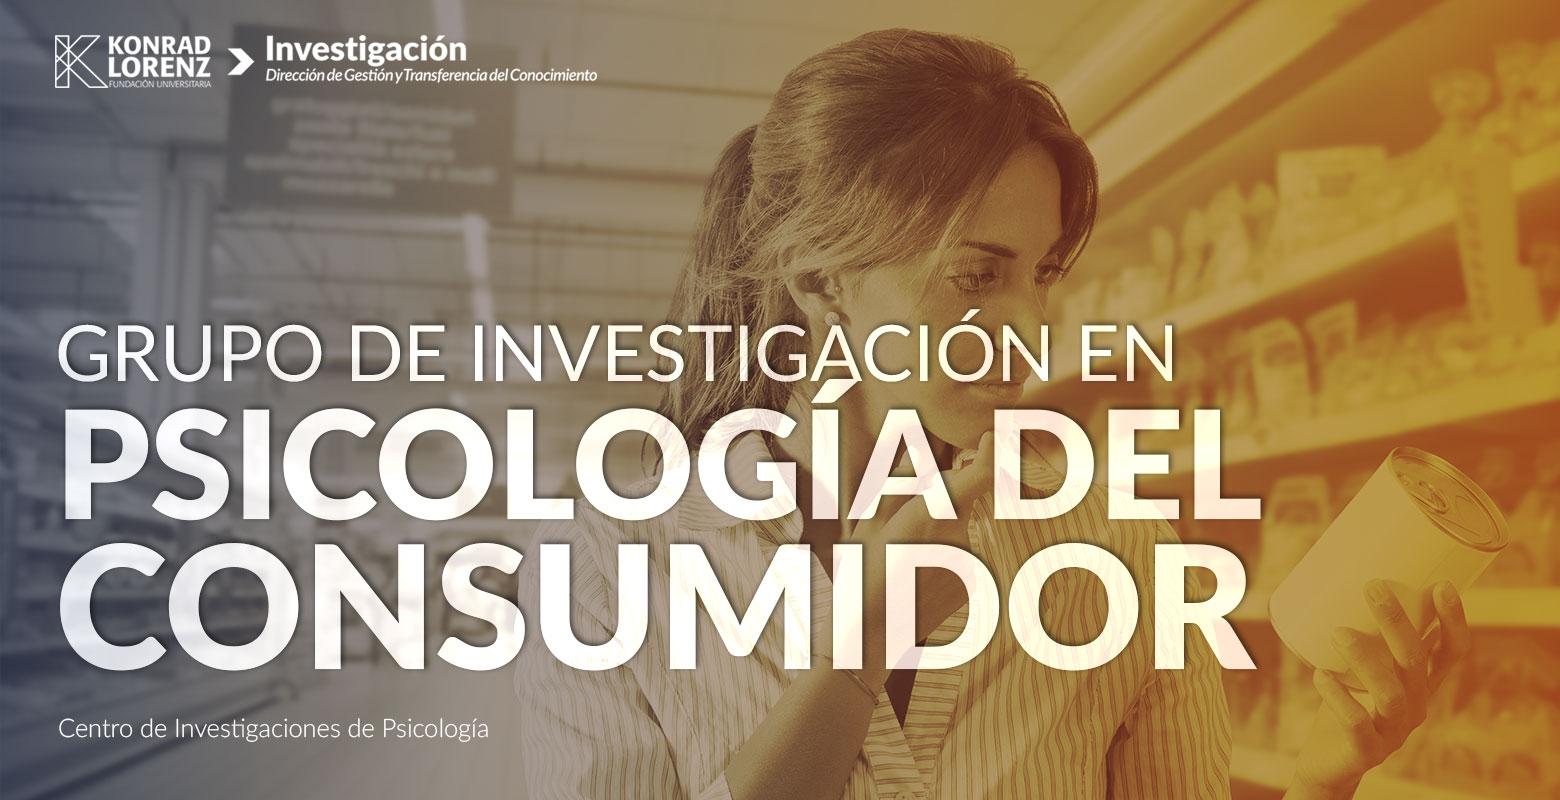 Grupo de Investigación en Psicología del Consumidor